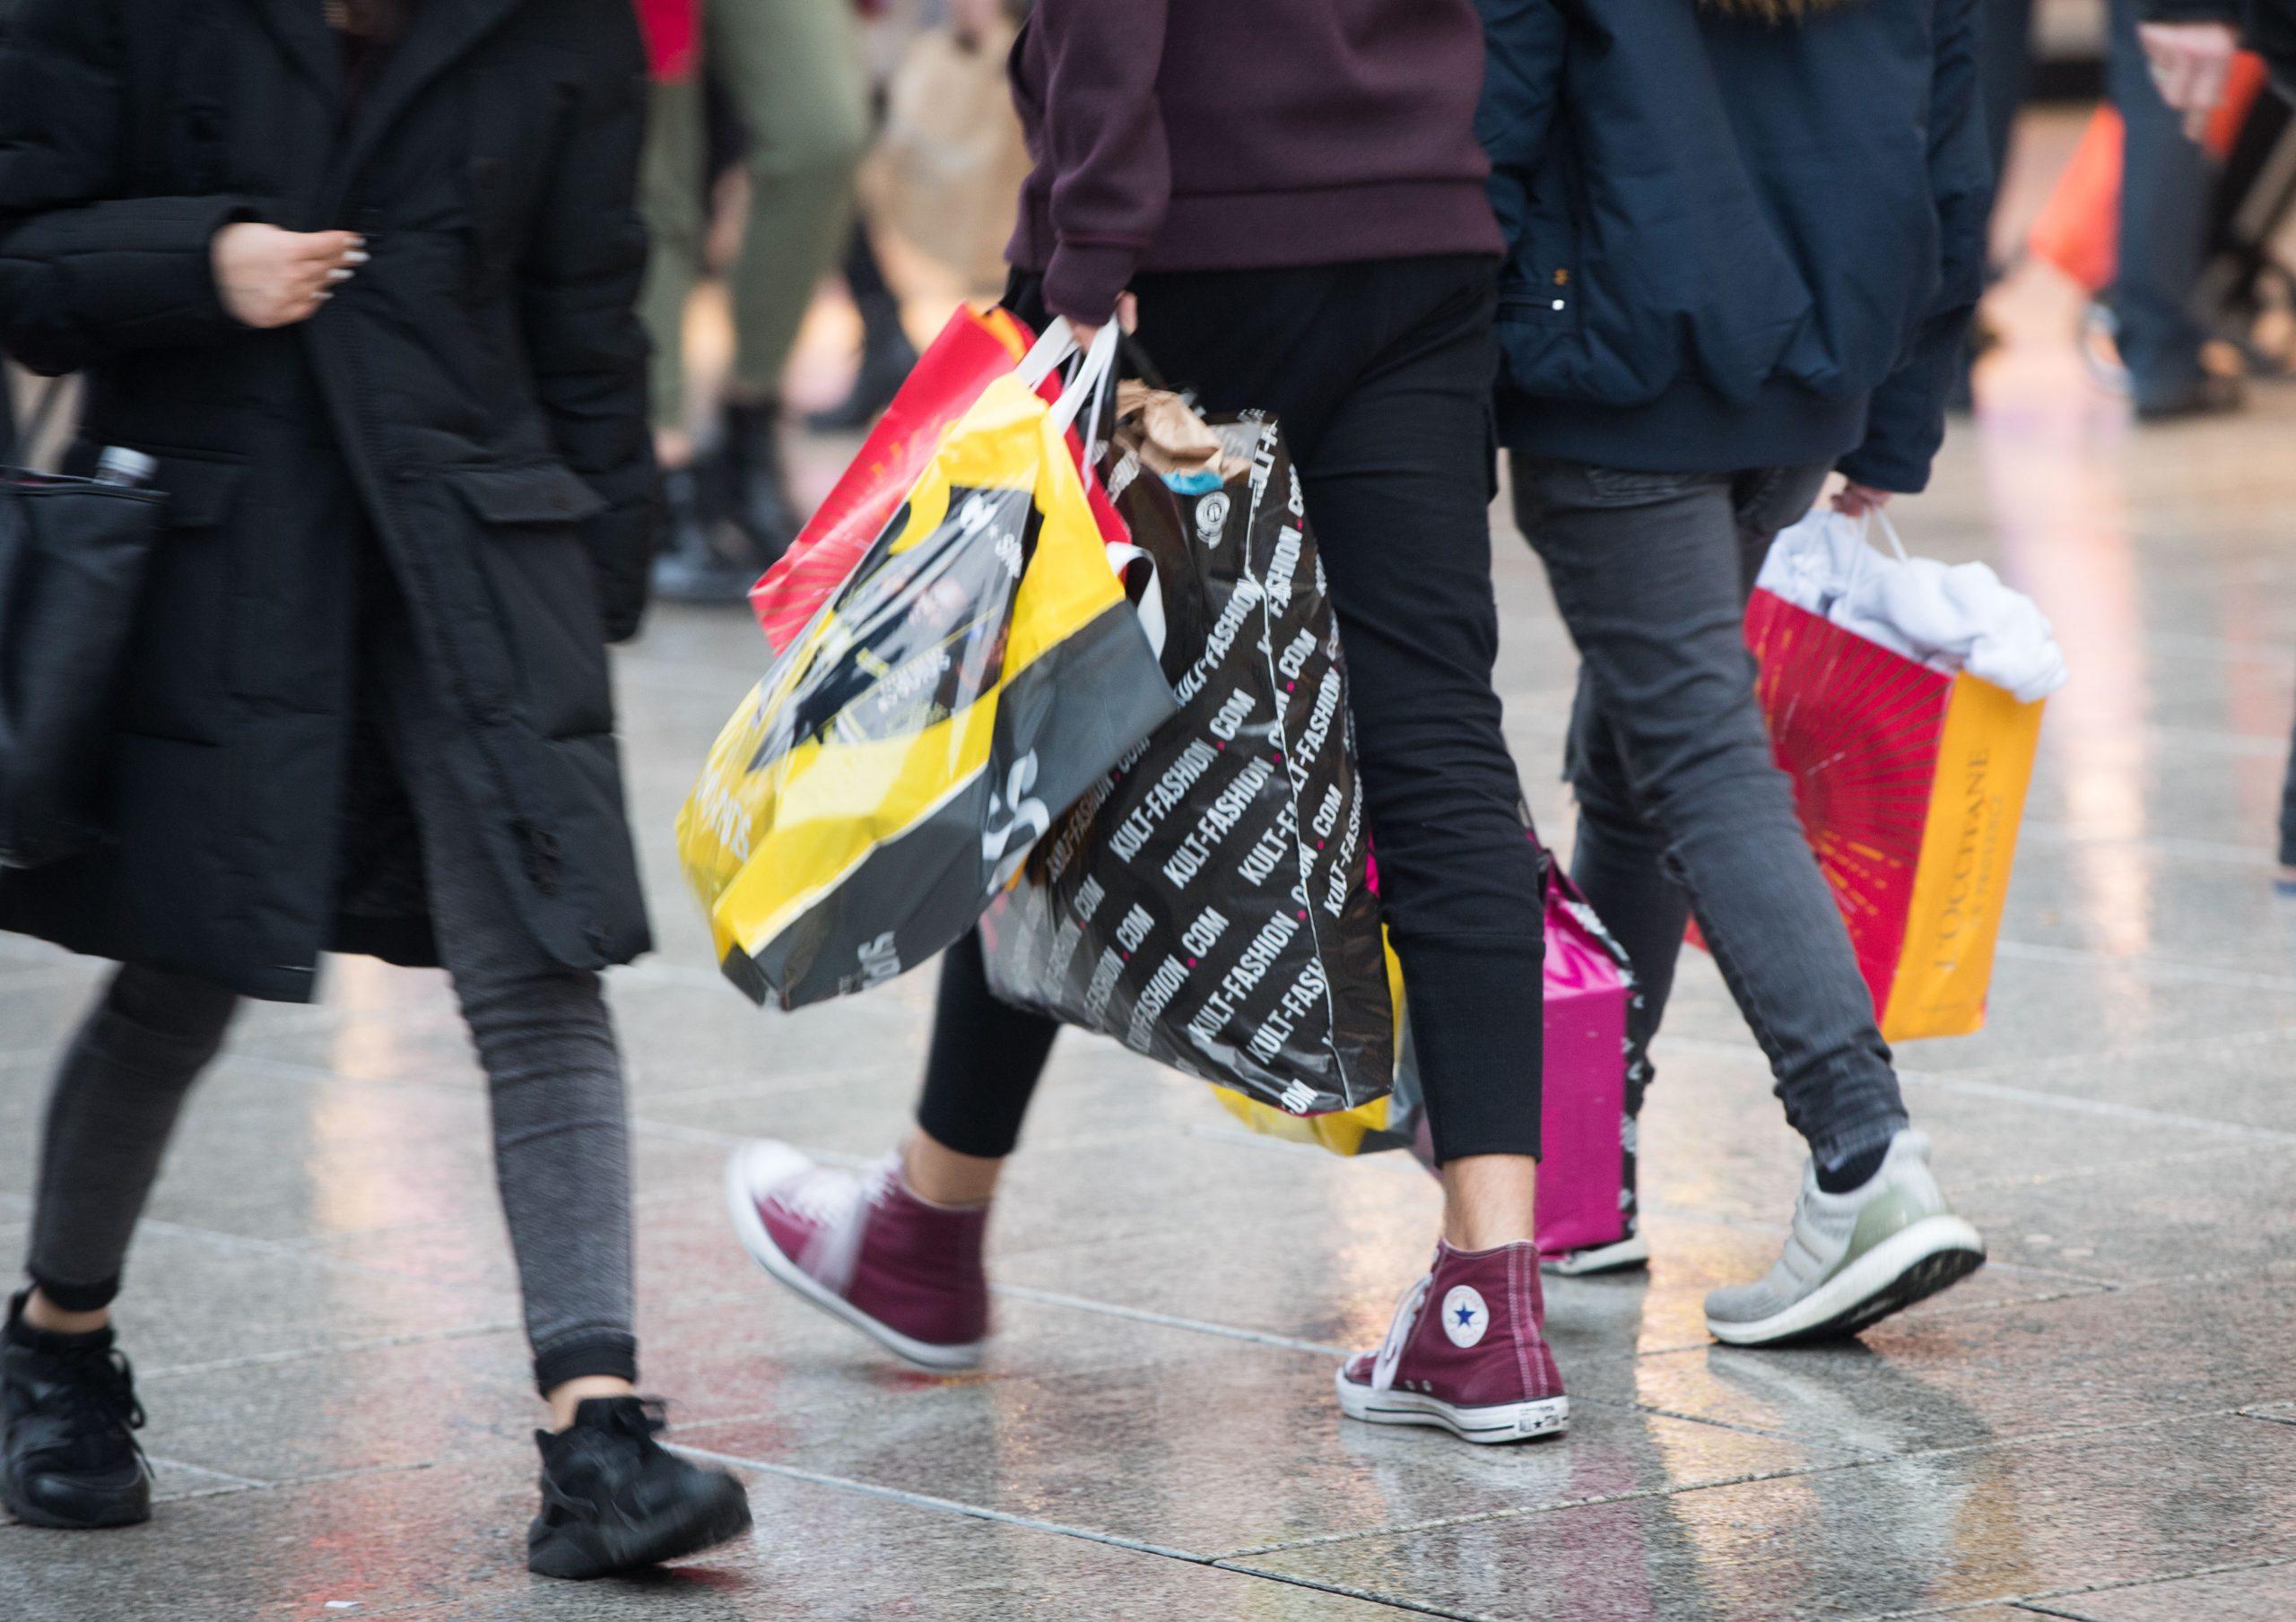 Segunda mano e intercambios: consejos para un consumo sostenible de ropa